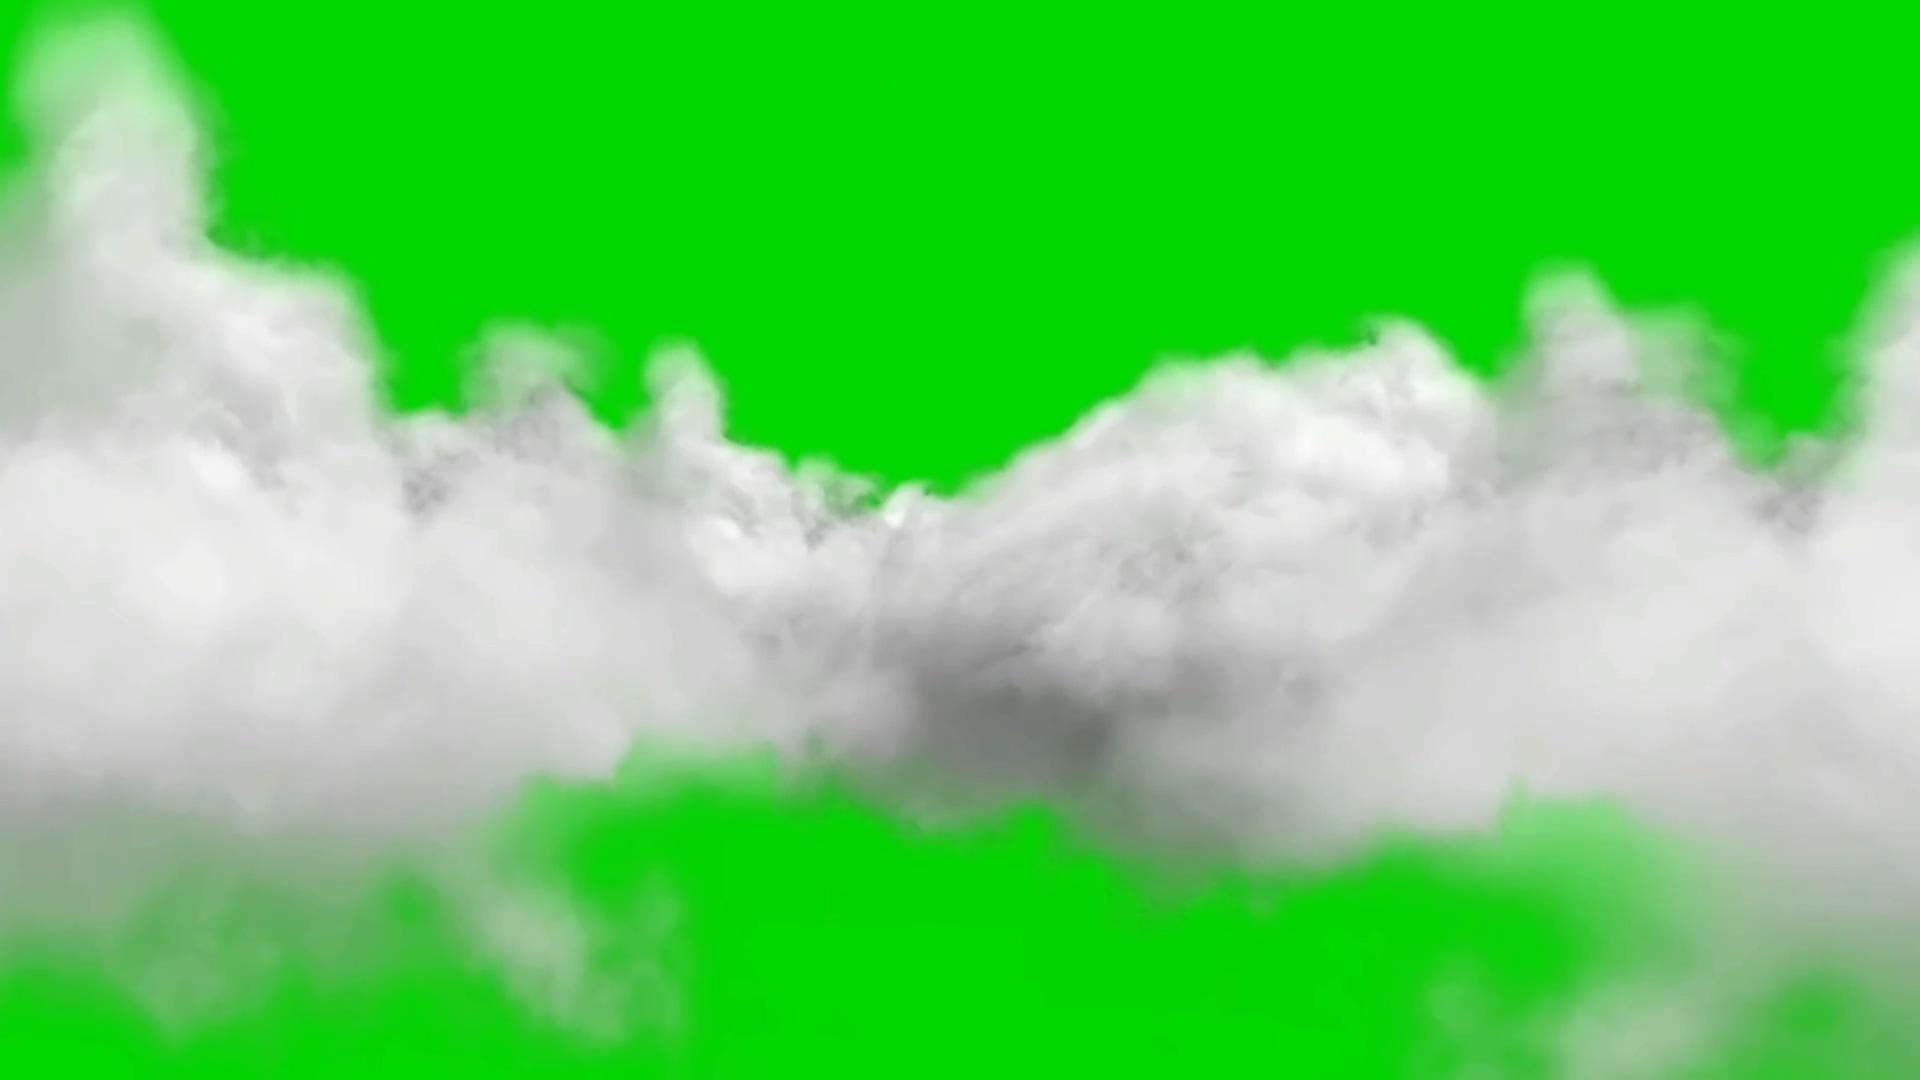 绿屏抠像白云中穿梭